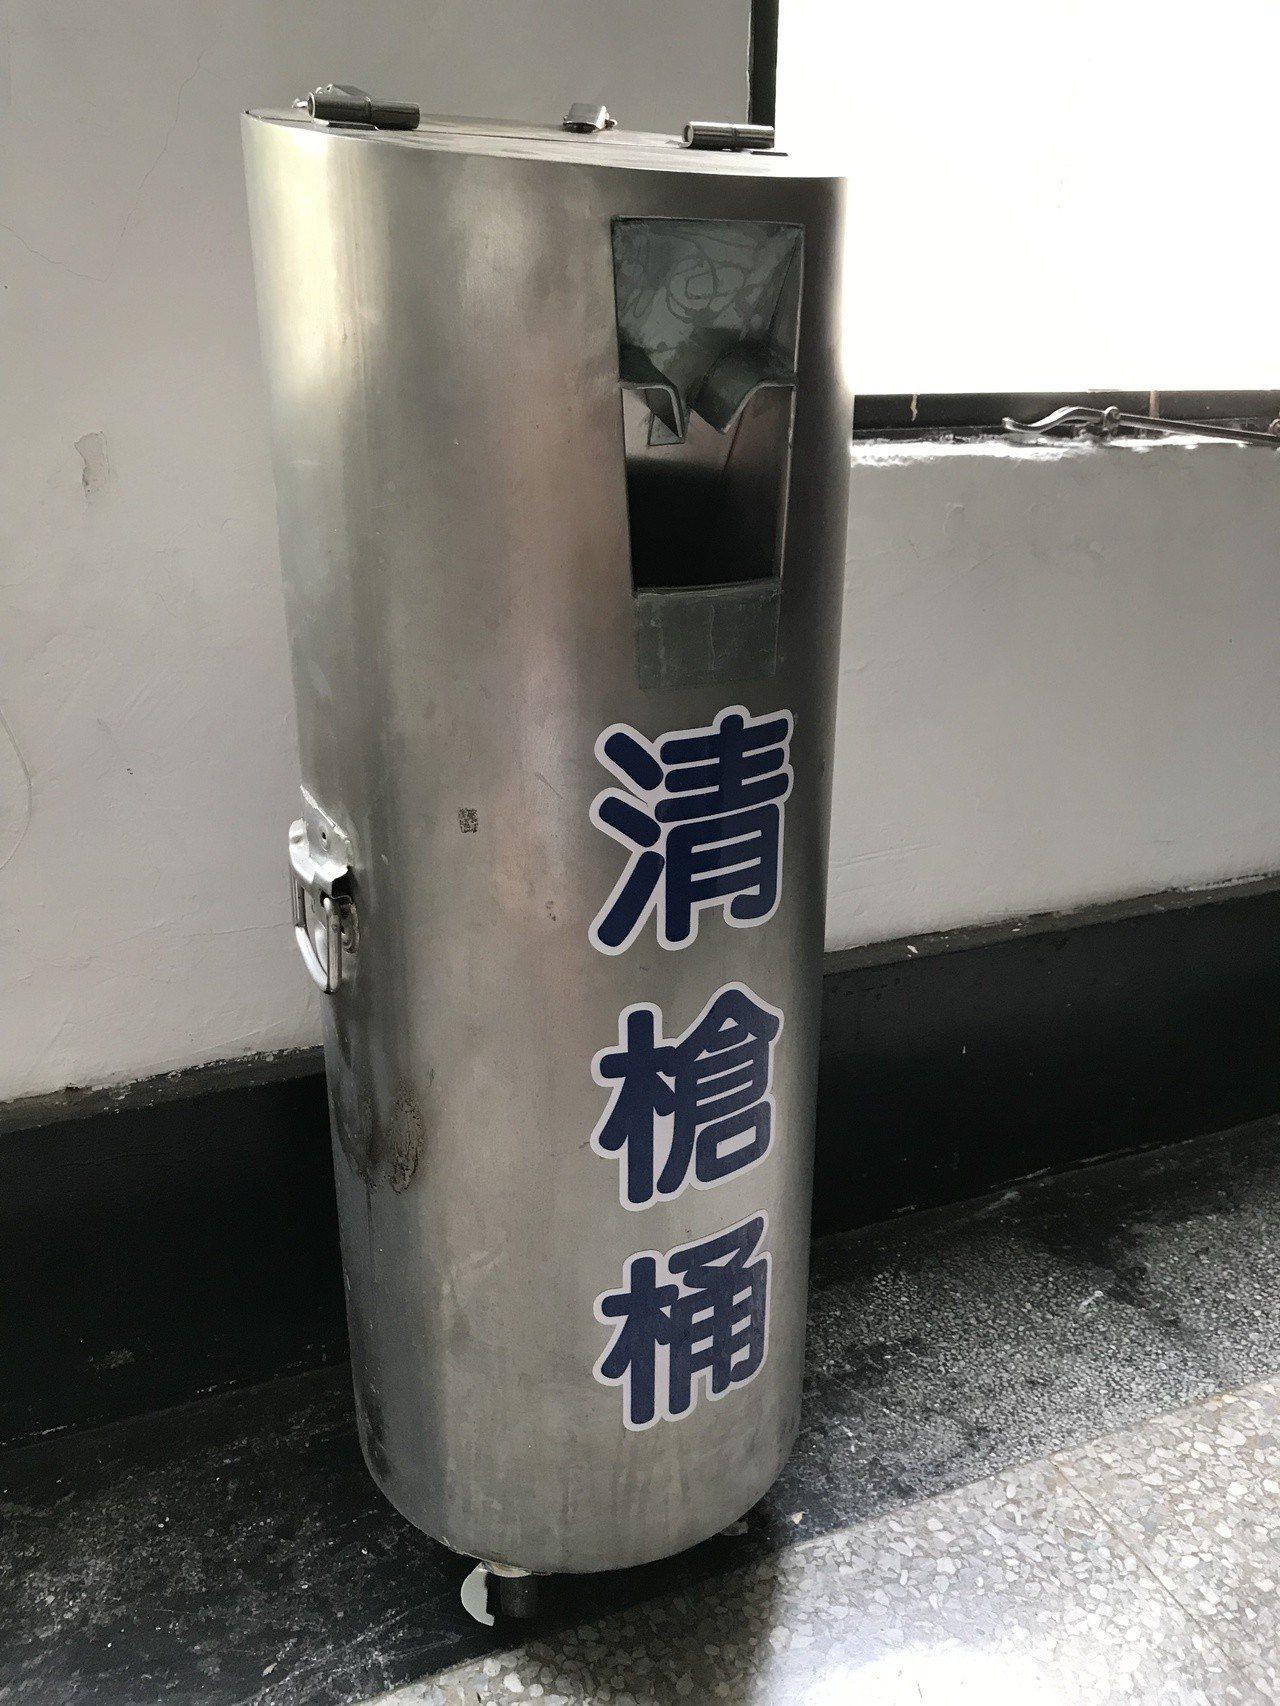 台中市警局第一分局教官楊卓任3年前研發「清槍桶」,警員可持槍頂入清搶桶,讓滑套固...